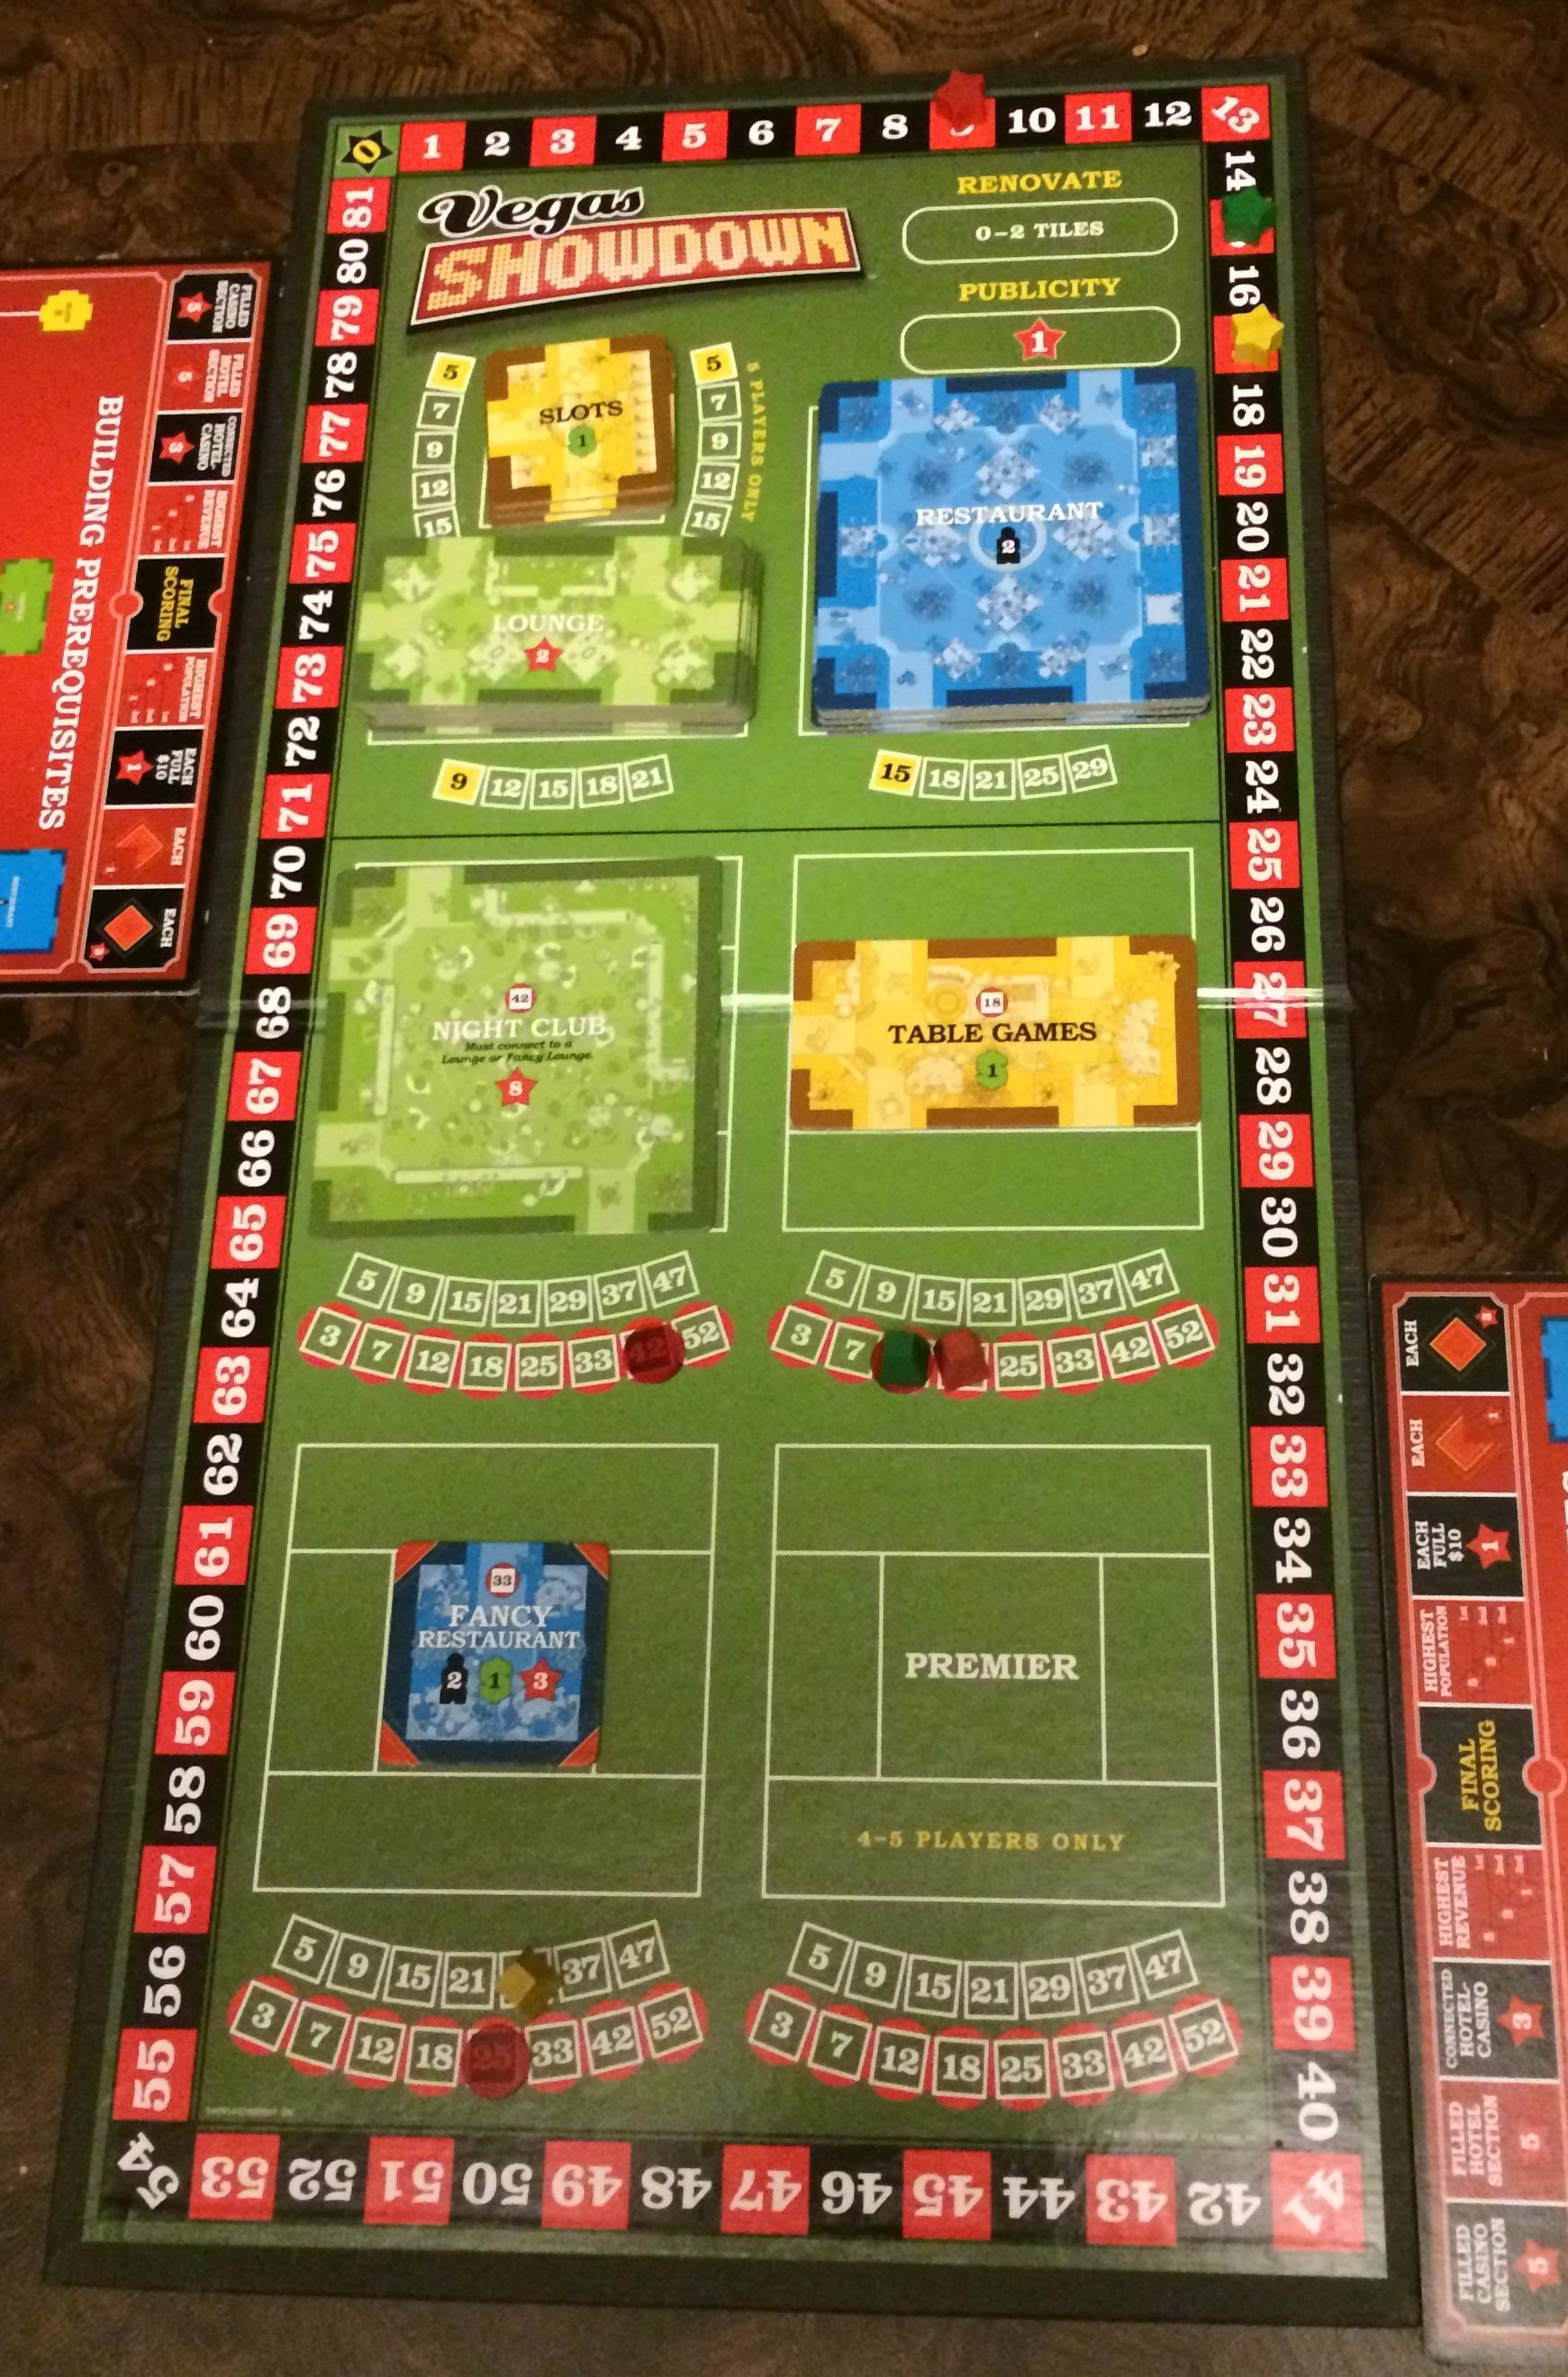 bidding for tiles in Vegas Showdown